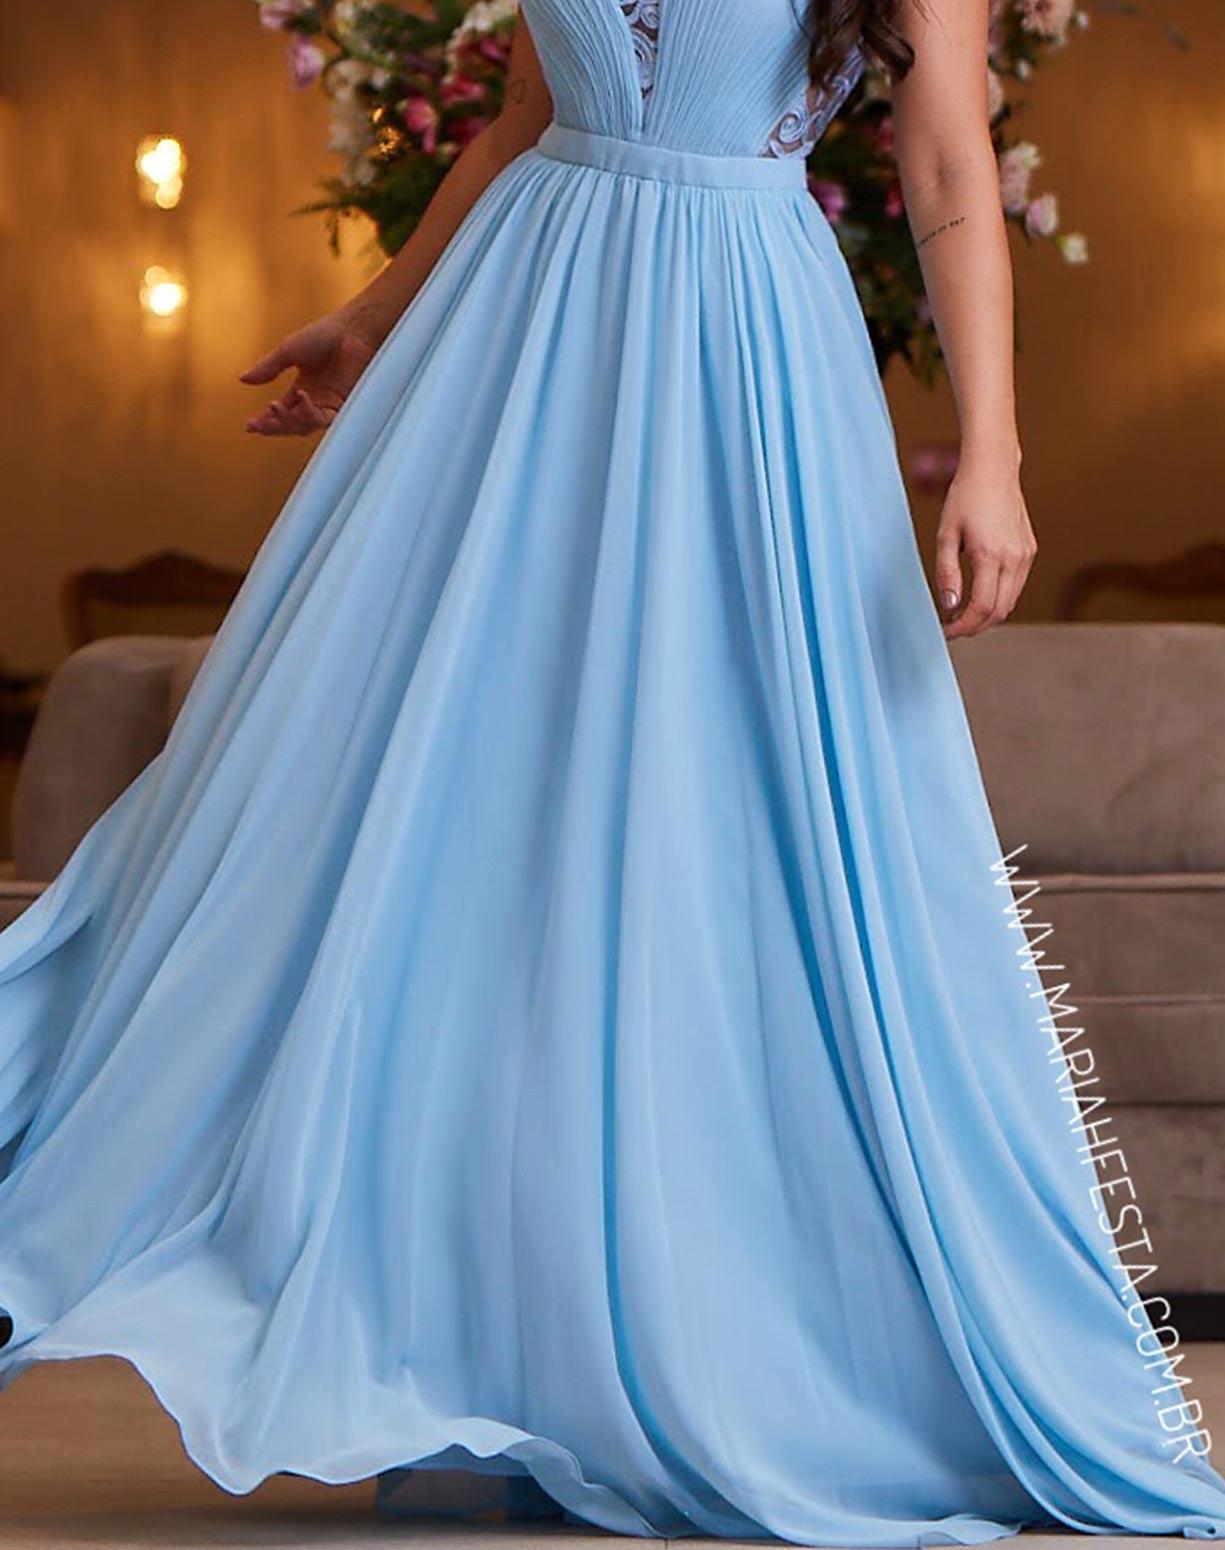 Vestido Azul Serenity com Detalhes em Renda e Saia Voal